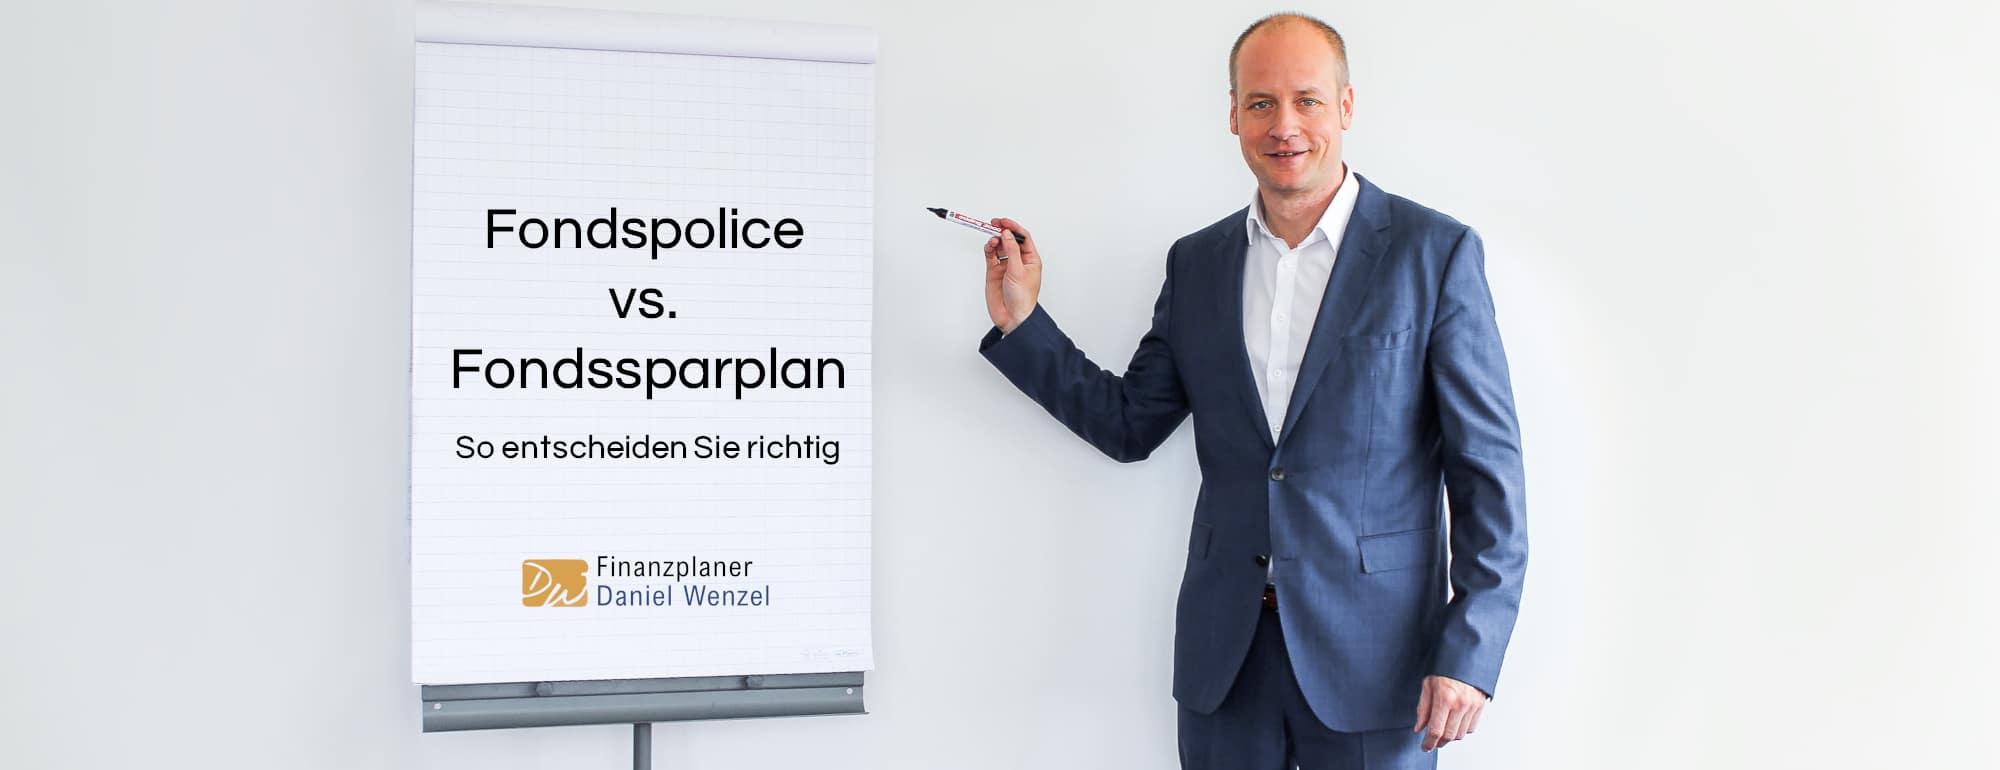 Fondspolice vs. Fondssparplan - So entscheiden Sie richtig